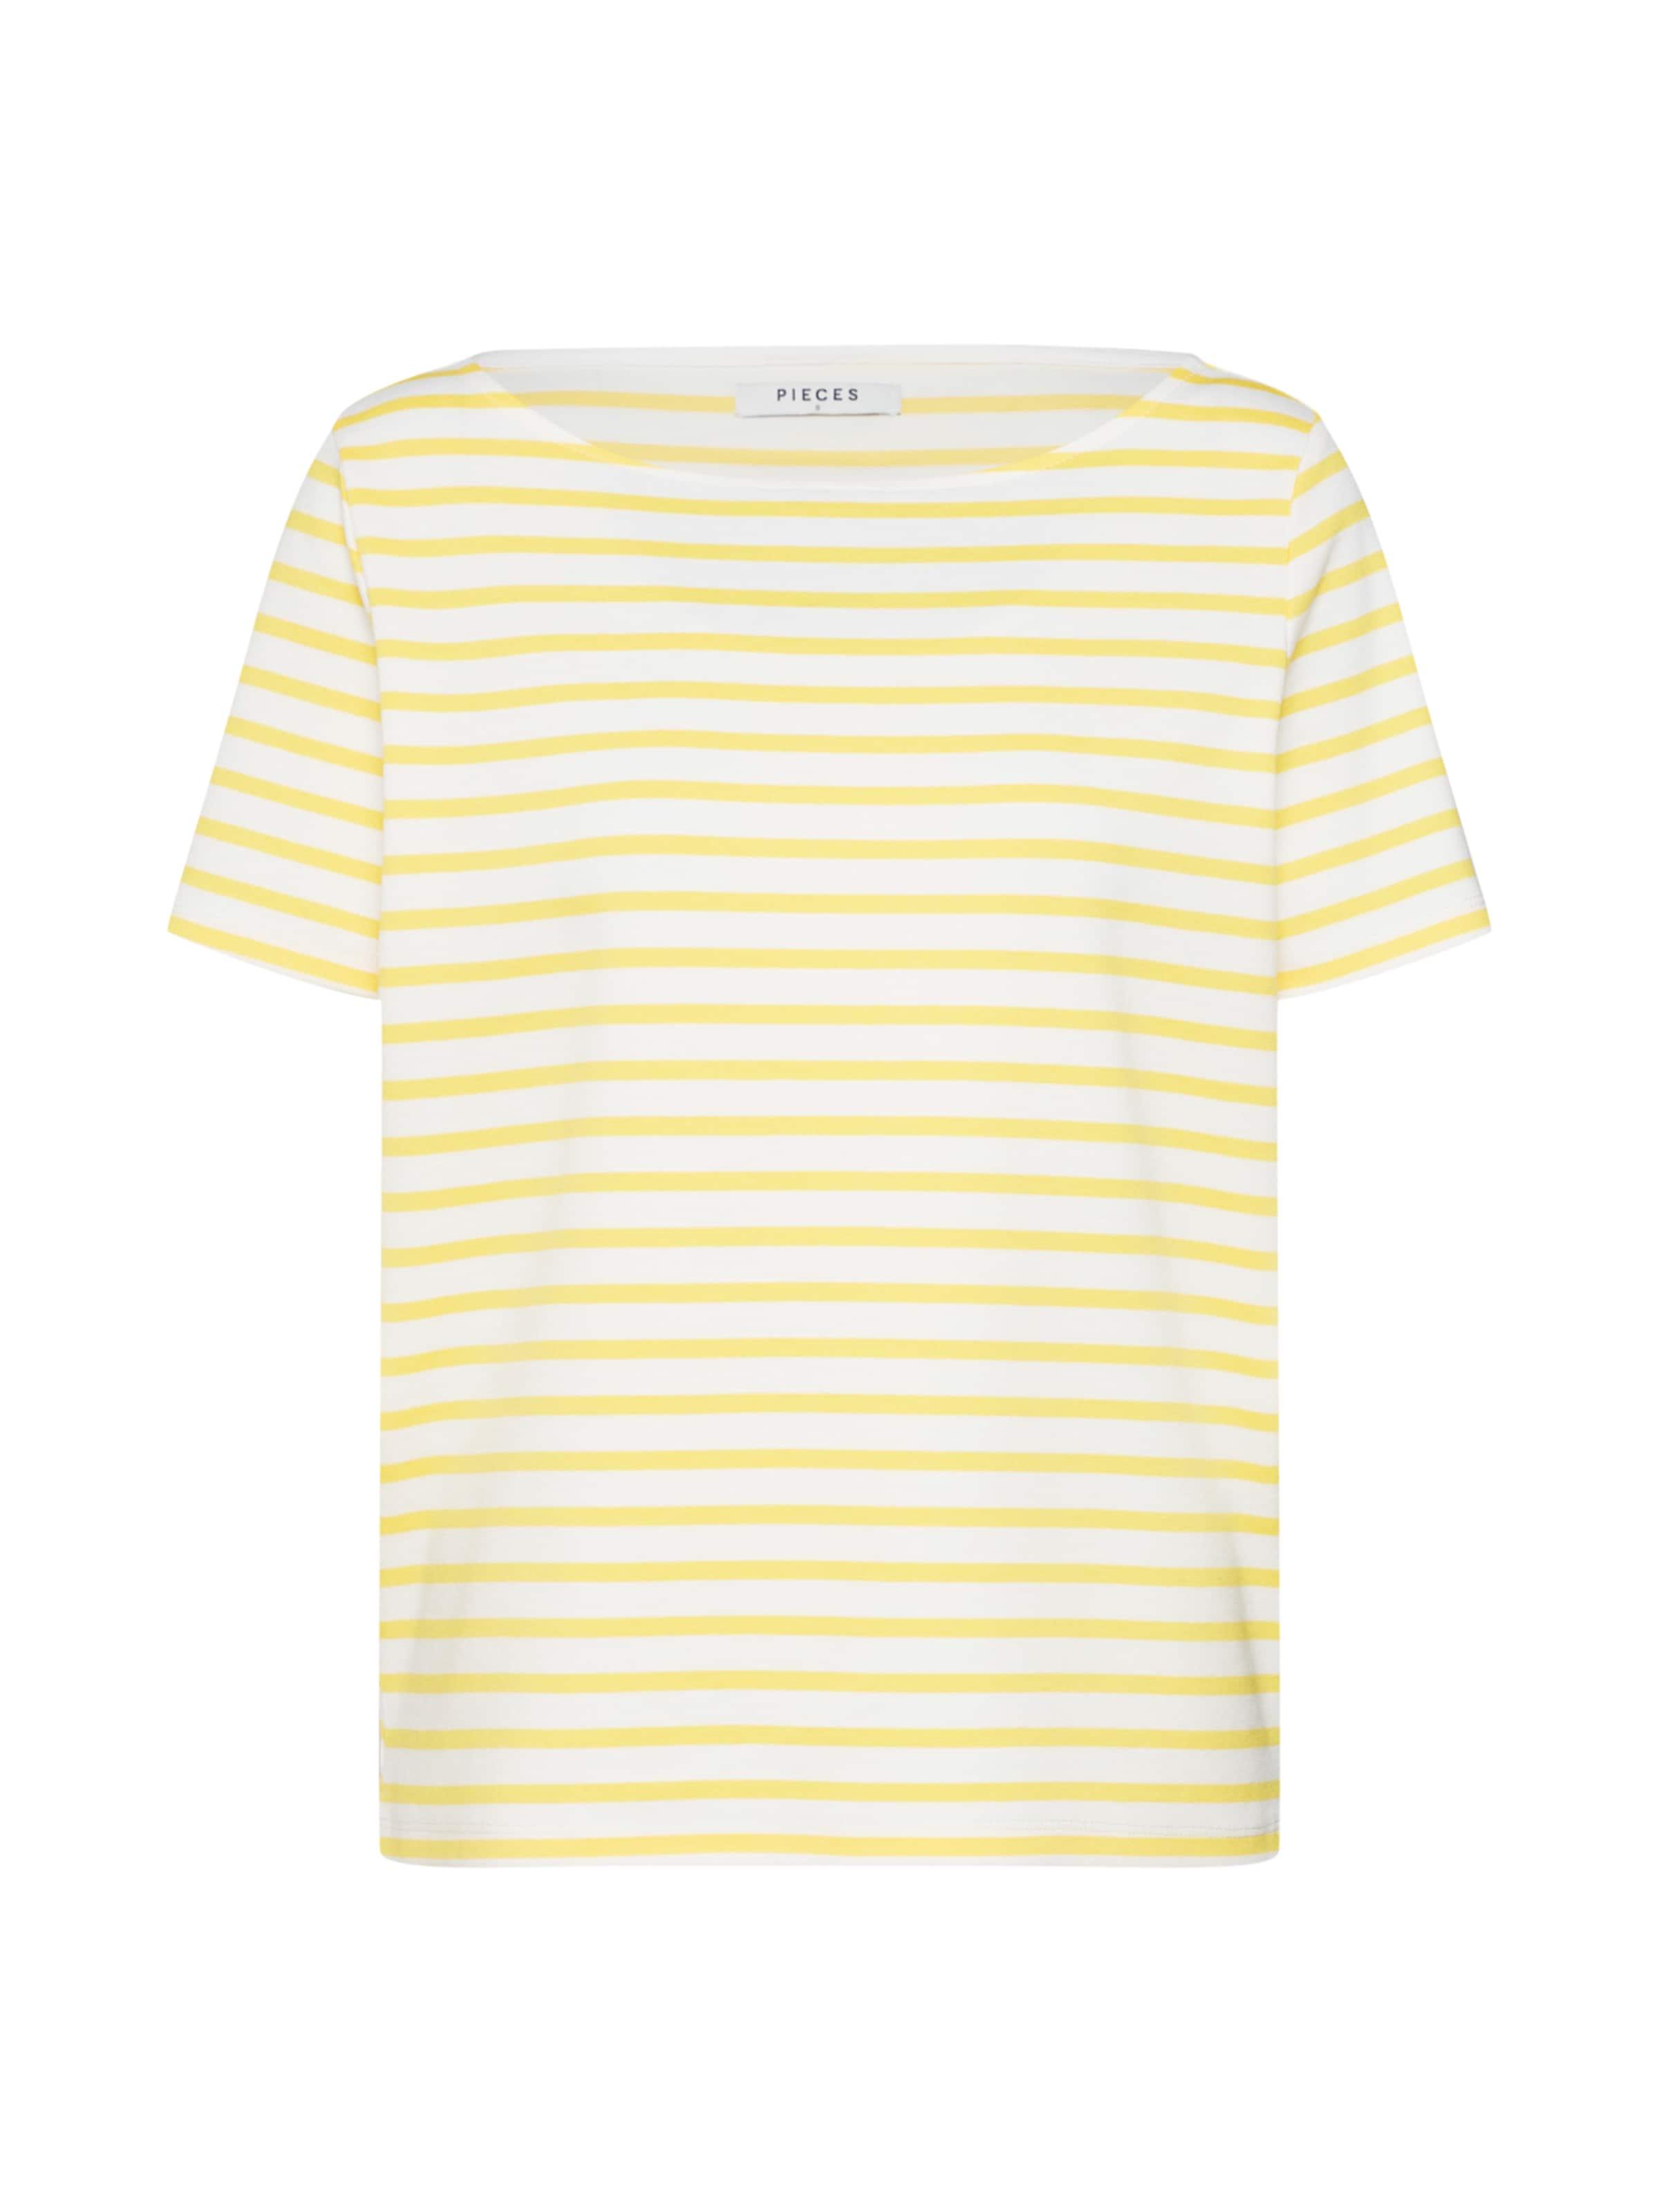 GelbWeiß GelbWeiß Shirts Shirts 'ingrid' Pieces In 'ingrid' 'ingrid' In In Pieces Shirts Pieces 4jqcAR53L